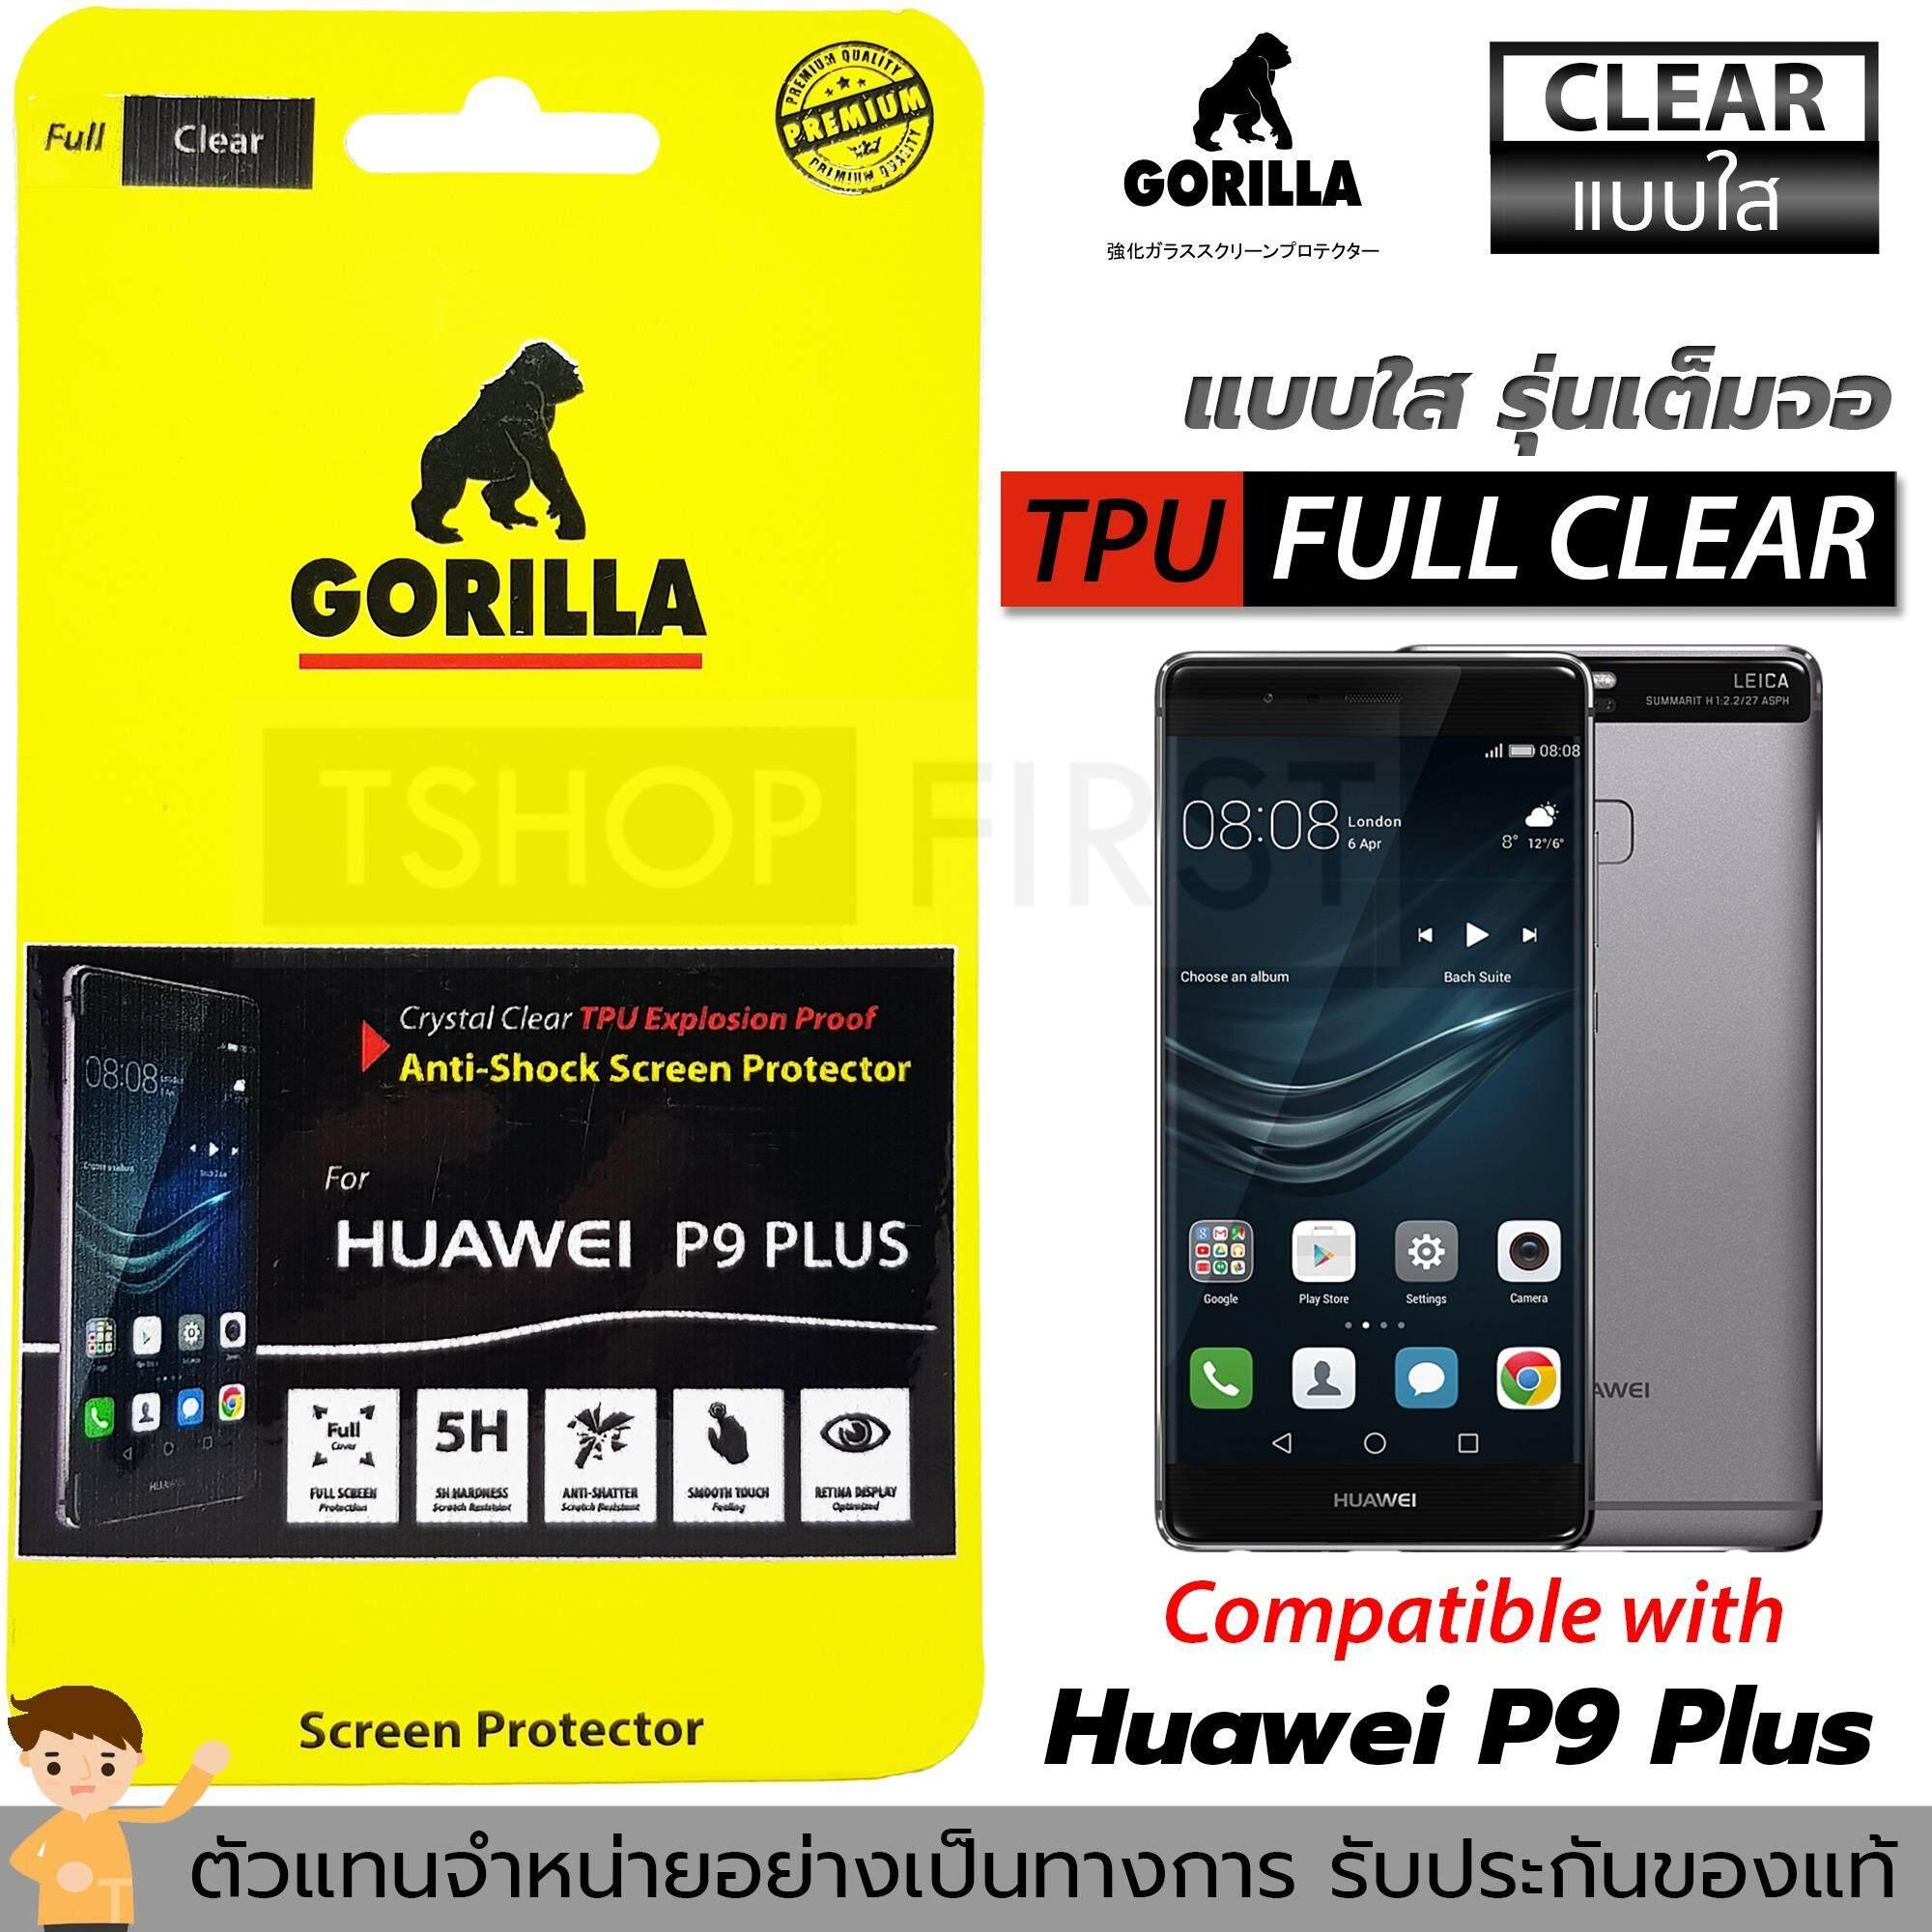 ขาย Gorilla Tpu Anti Shock กอริลล่า ฟิล์มกันรอยเต็มหน้าจอ For Huawei P9 Plus ใส Gorilla เป็นต้นฉบับ